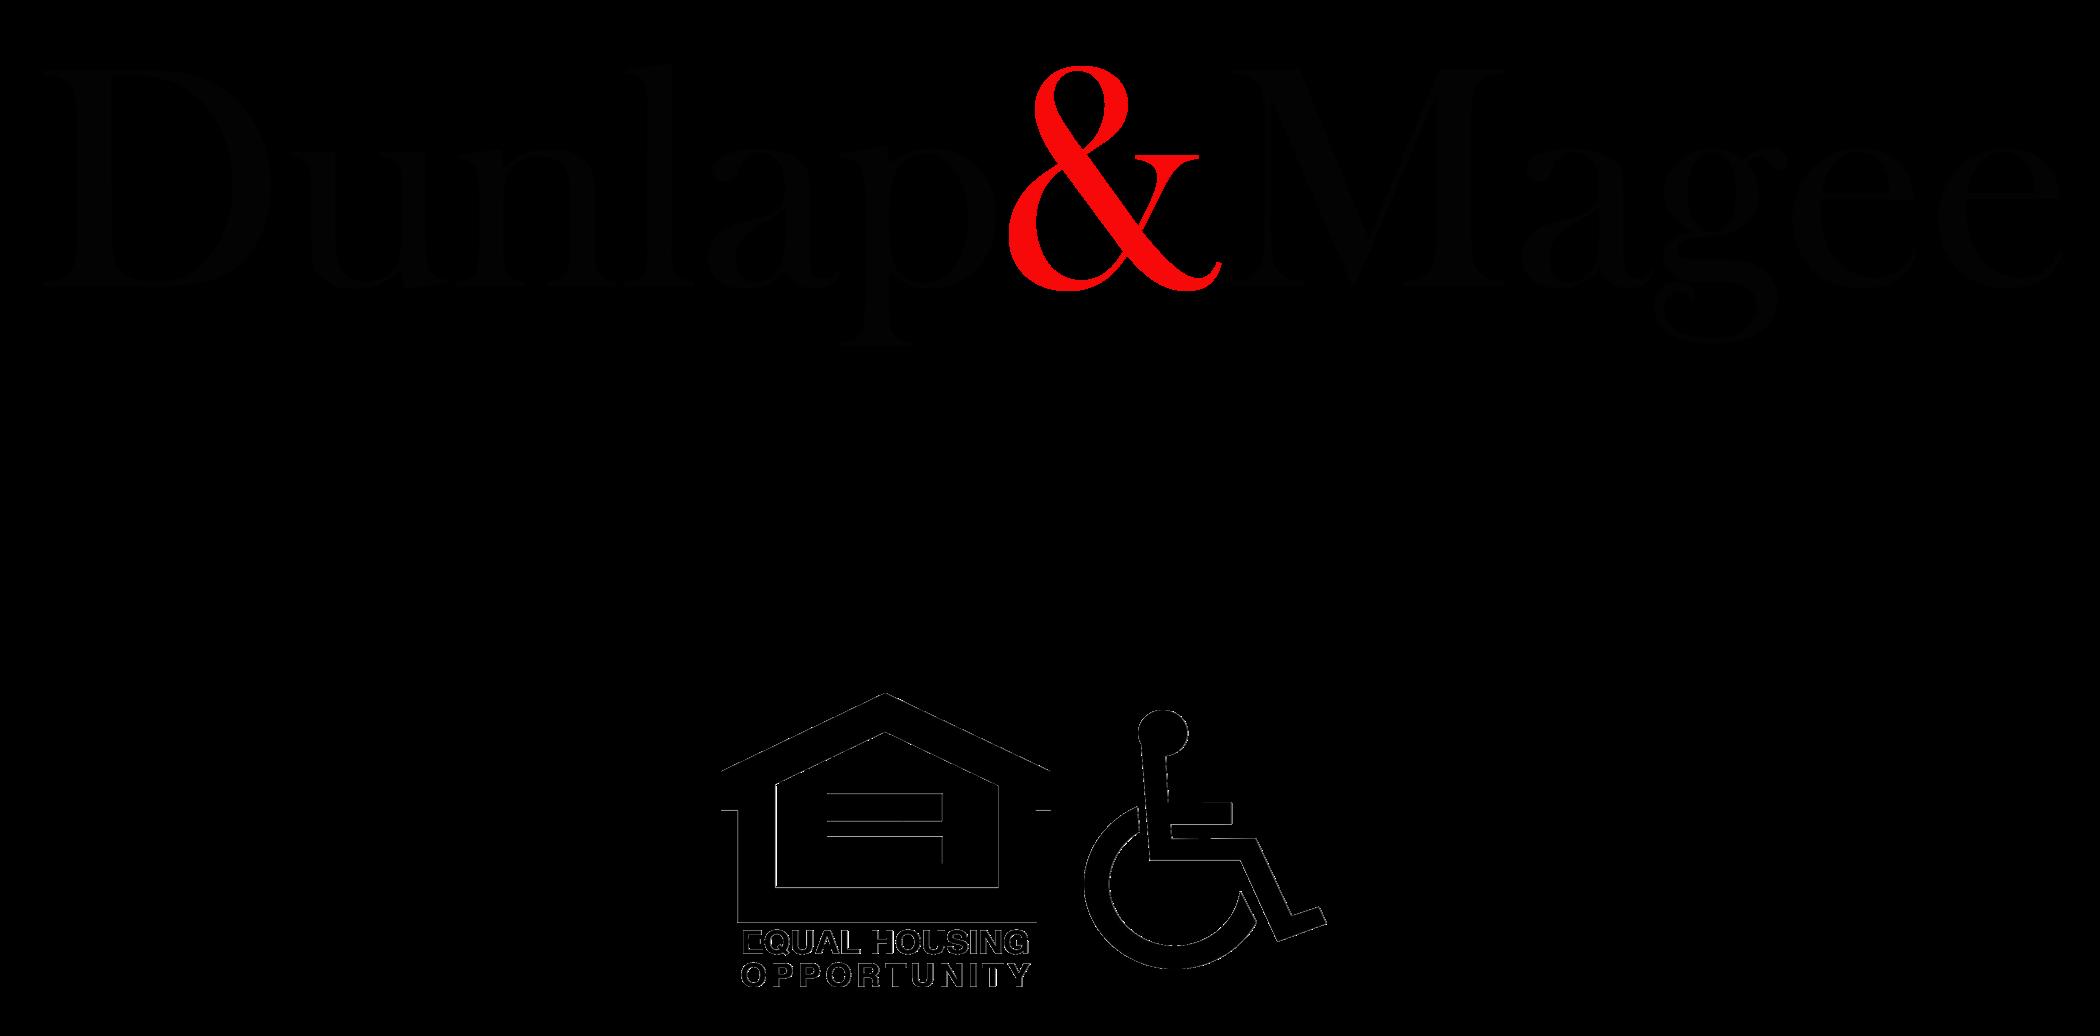 Dunlap & Magee